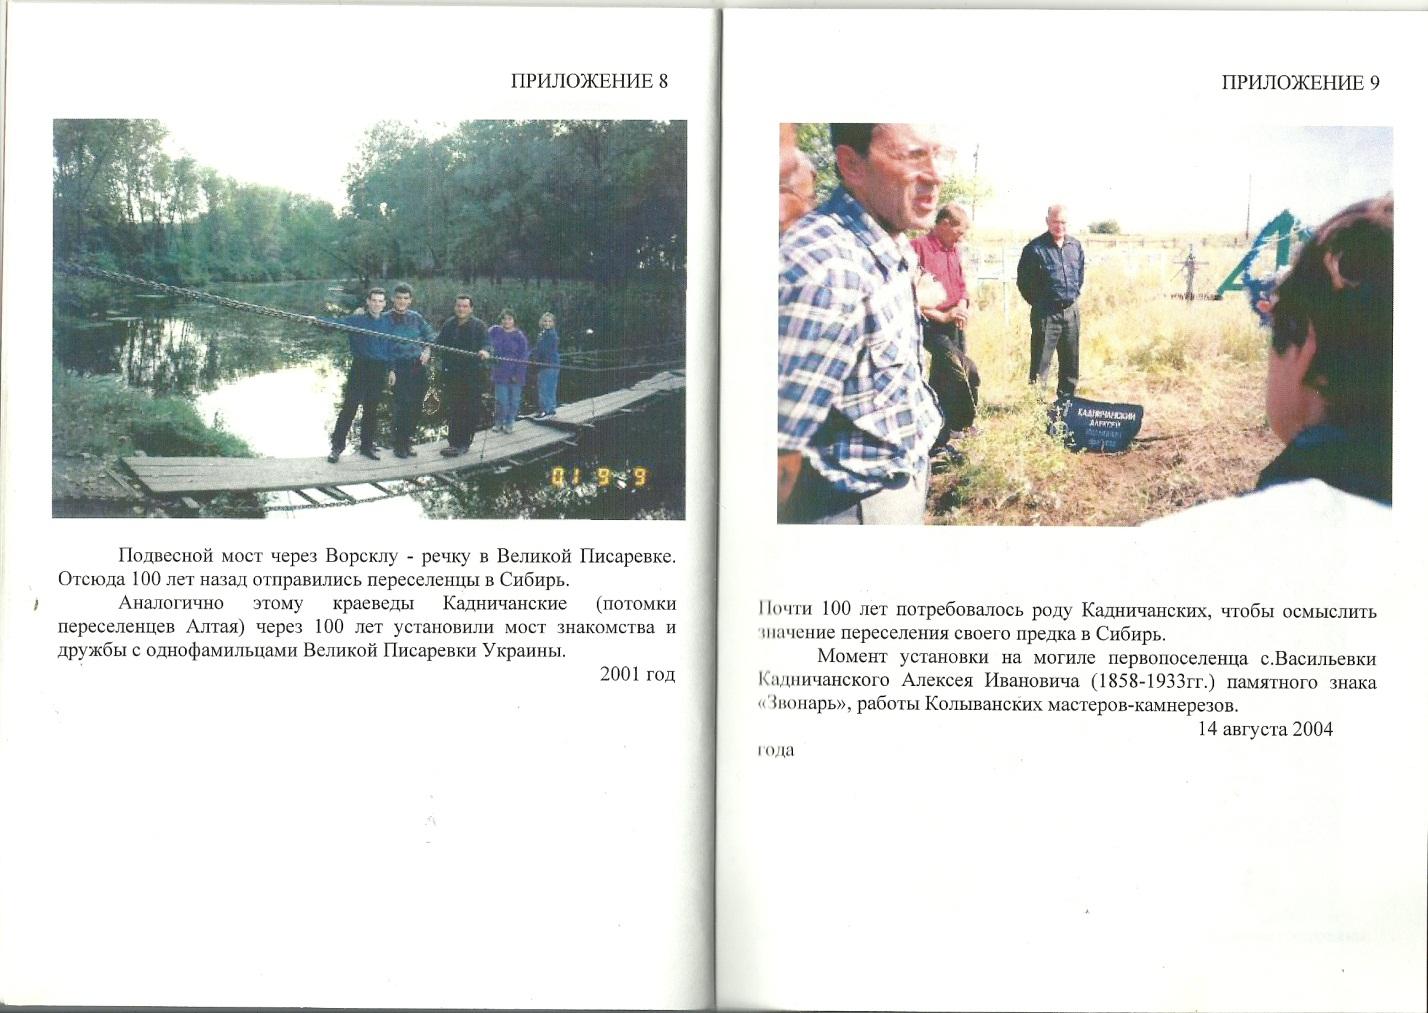 C:\Users\Ирина\Desktop\книга Кадничанский И Е о васильевке\сканирование0023.jpg